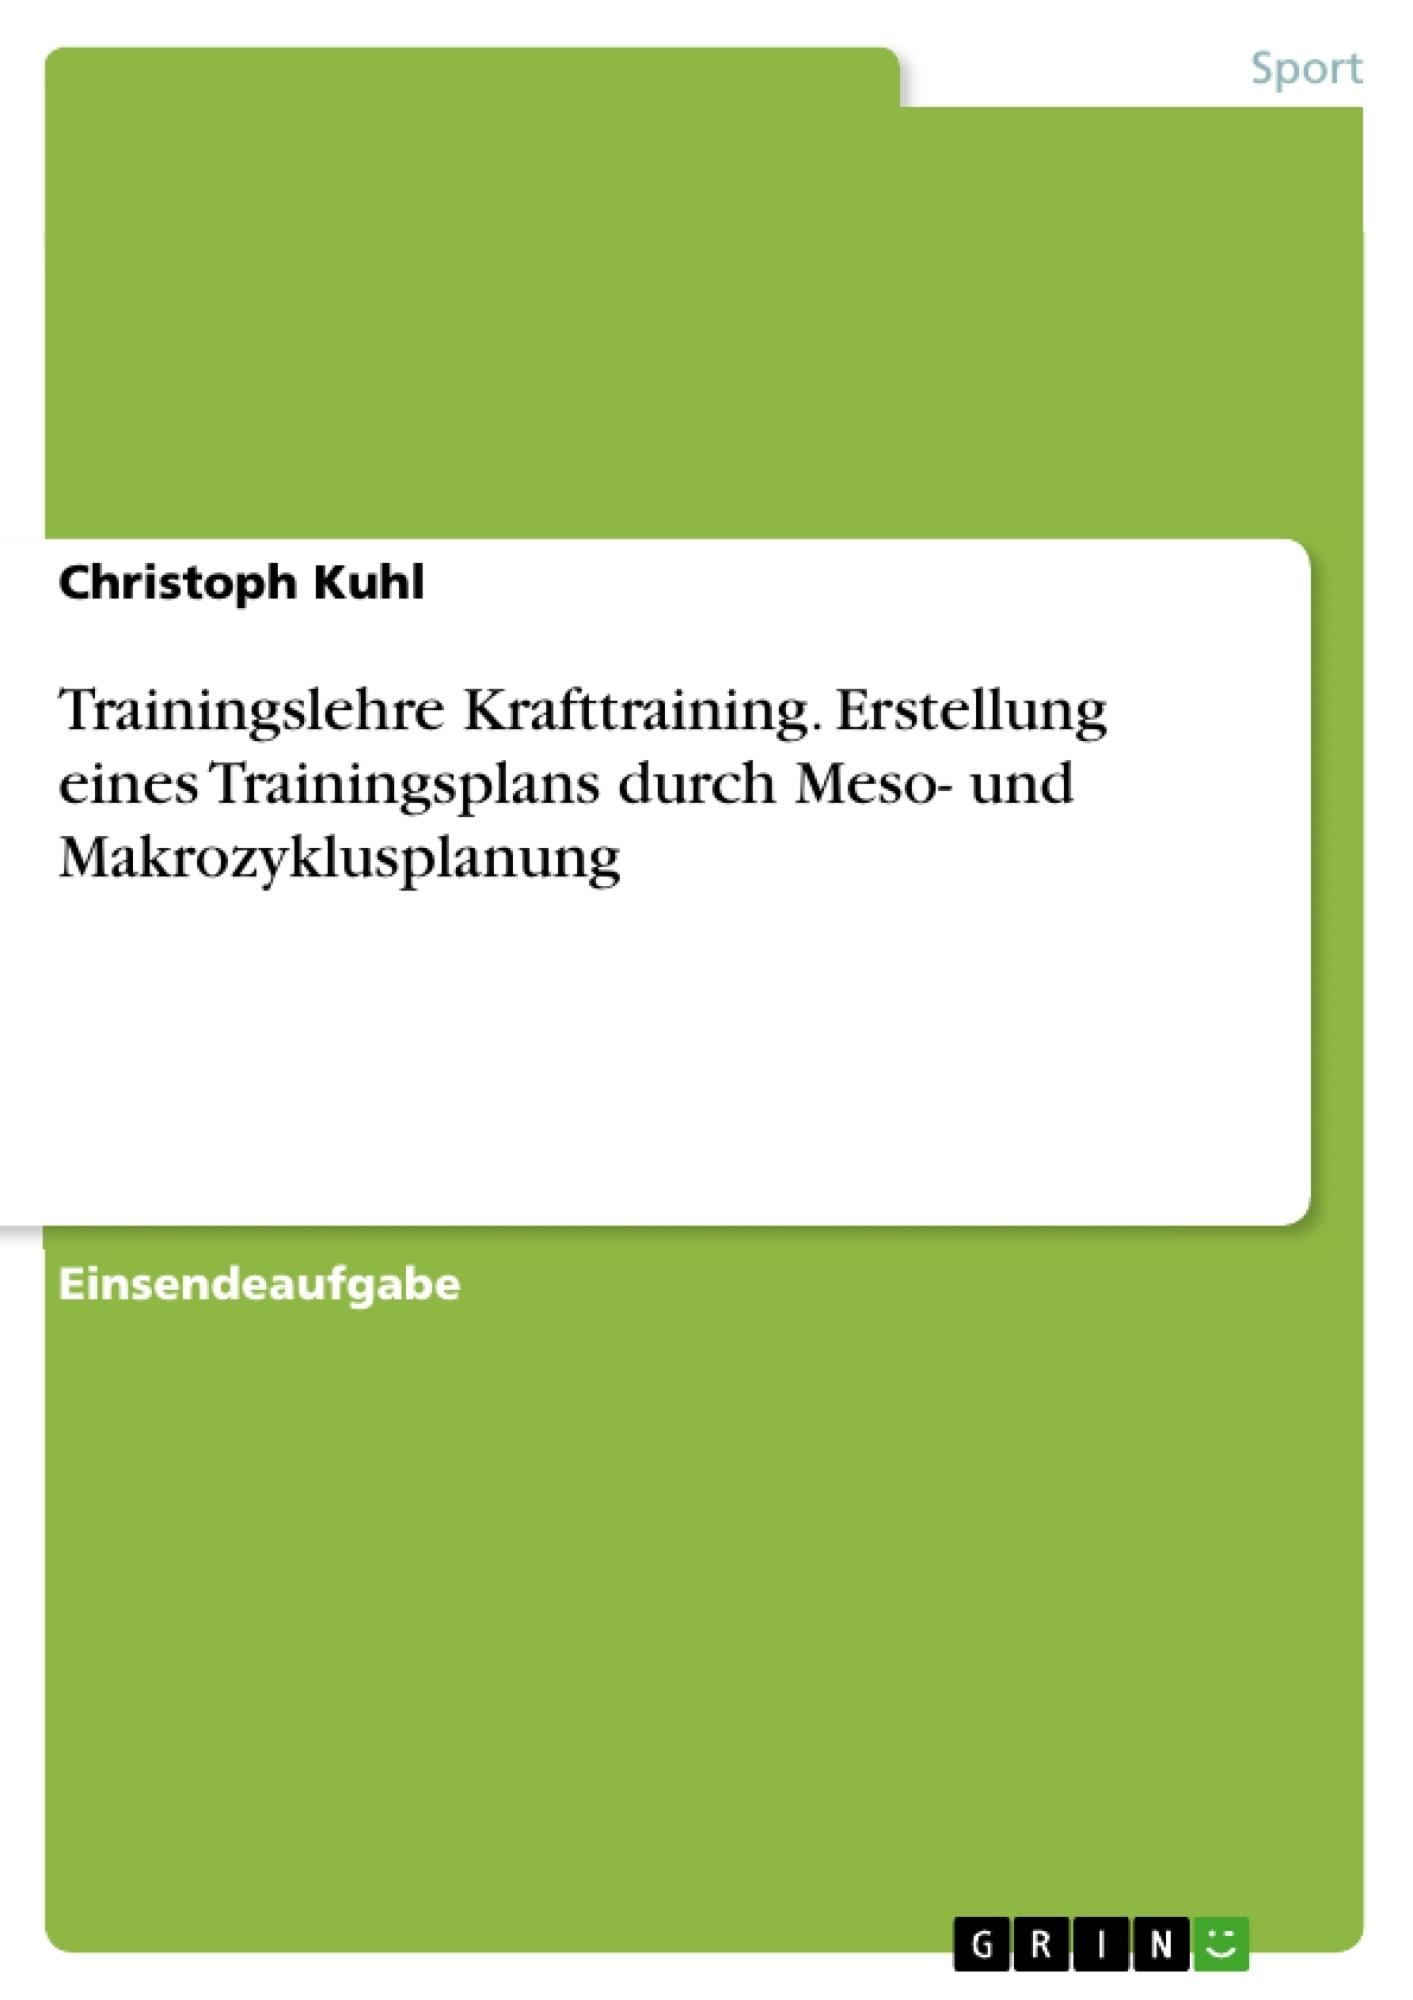 Titel: Trainingslehre Krafttraining. Erstellung eines Trainingsplans durch Meso- und Makrozyklusplanung